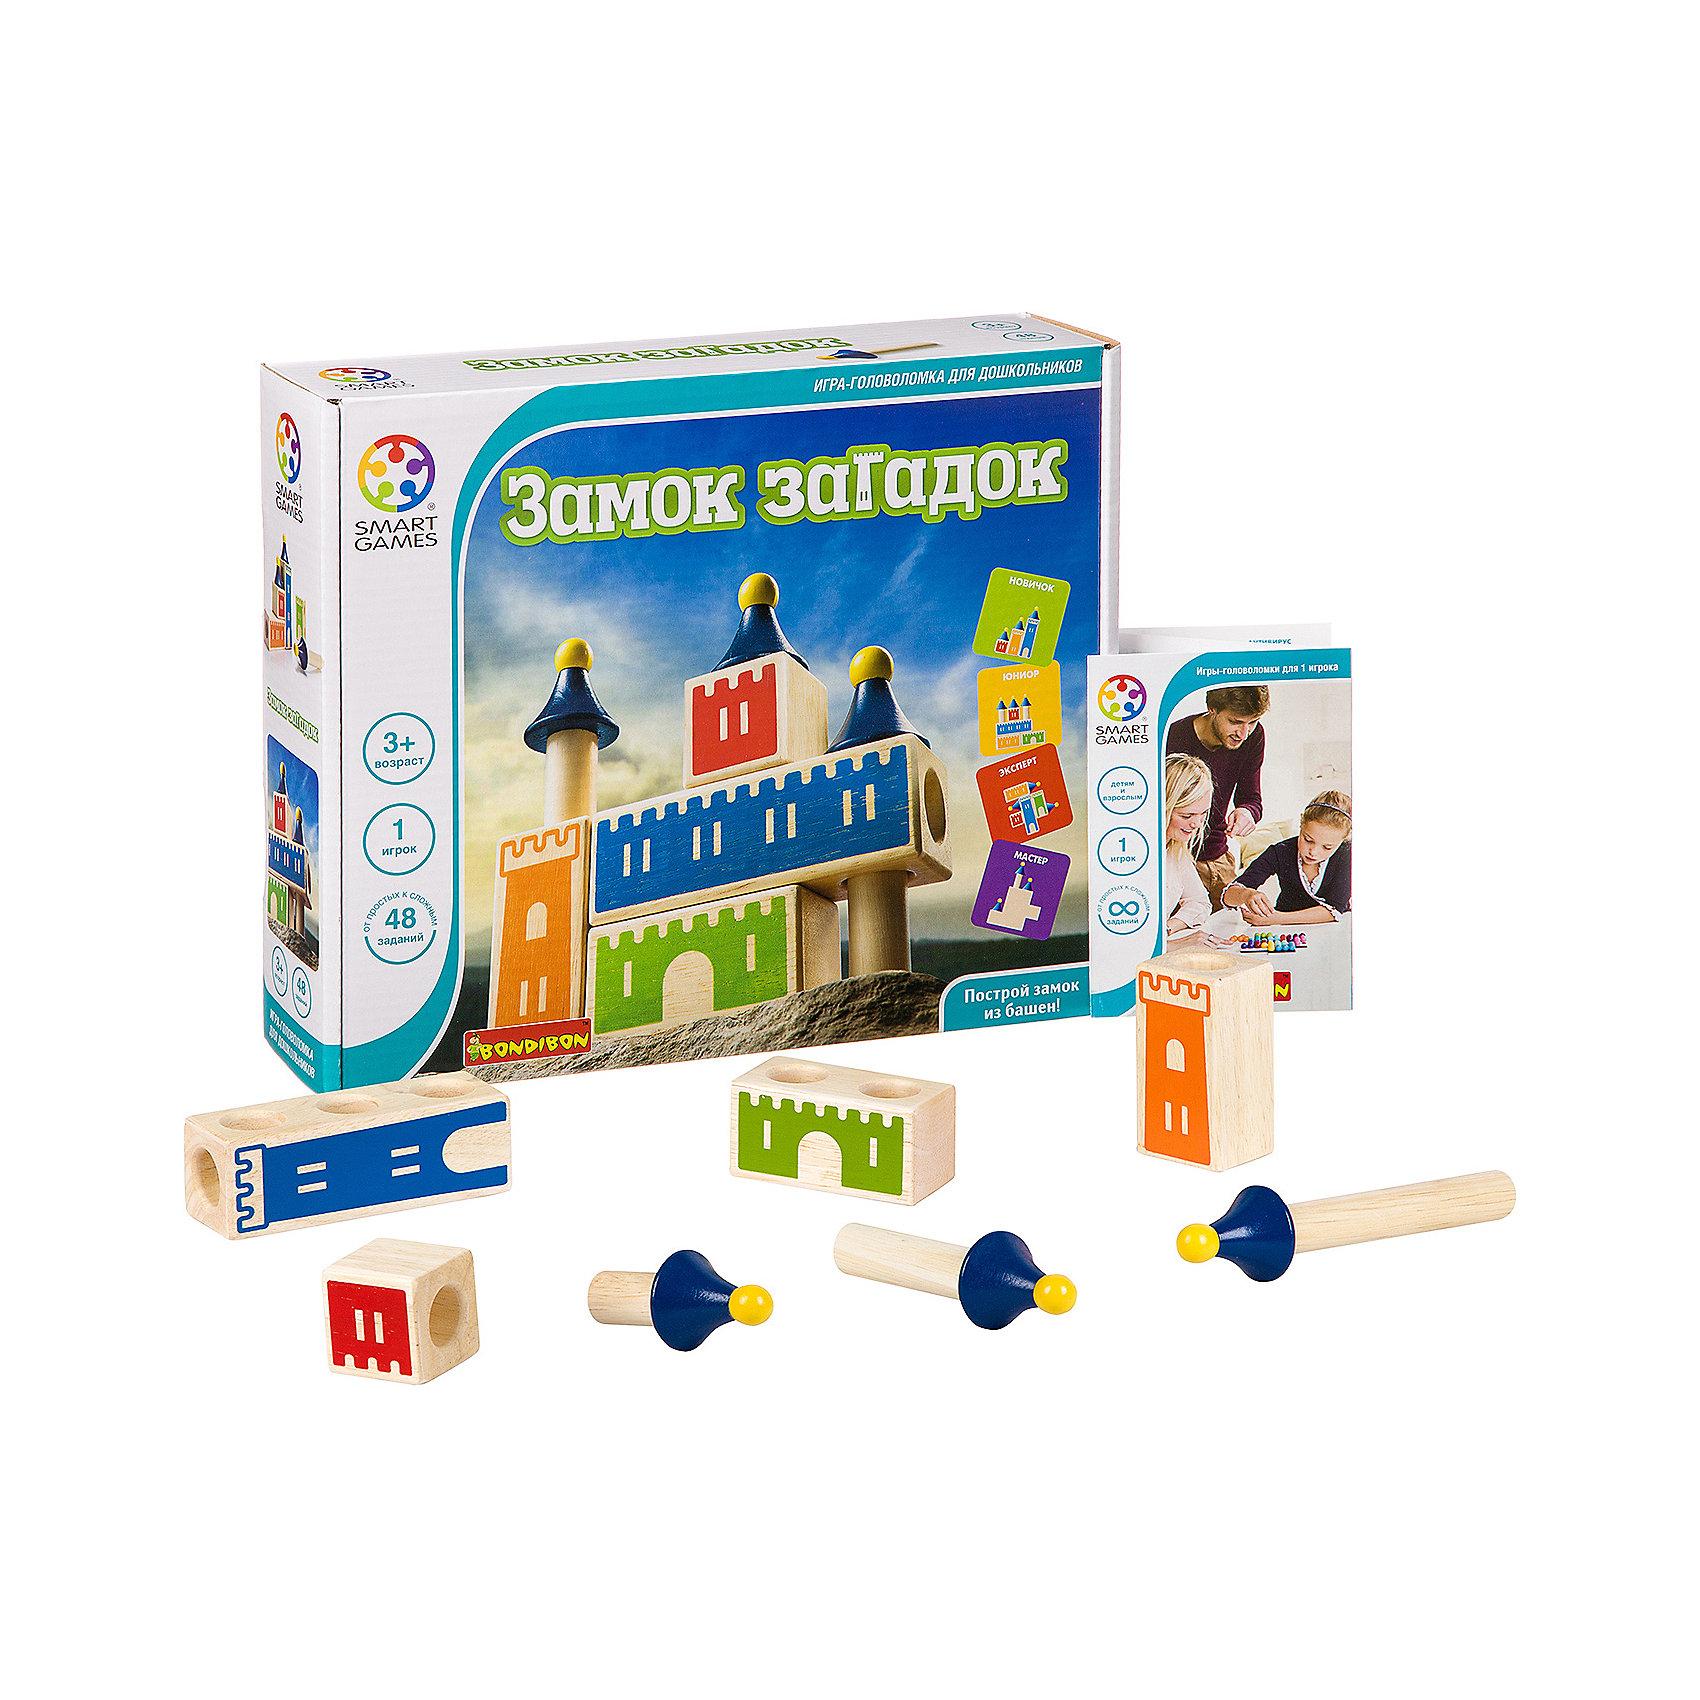 Логическая игра Замок загадок, BondibonНастольные игры<br>Характеристики:<br><br>• Вид игр: настольные игры<br>• Пол: универсальный<br>• Материал: дерево, бумага, картон<br>• Количество игроков: 1<br>• Количество уровней сложности: 4<br>• Количество заданий: 48<br>• Размер (Д*Ш*В): 24*7,5*24 см<br>• Вес: 750 г<br>• Комплектация: 4 деревянных блока, 3 деревянные башни, буклет с заданиями, инструкция<br><br>Логическая игра Замок загадок, Bondibon – это настольная игра от всемирно известного производителя детских игр развивающей и обучающей направленности. Smart Games – это серия логических игр, предназначенная для одного игрока с несколькими уровнями сложности и множеством заданий. Цель игры Замок загадок заключается в том, чтобы построить замок из имеющихся деталей в соответсвии с заанием. Элементы игры выполнены из качественно обработанного дерева, упакованы в картонную коробку. В комплекте имеется инструкция с правилами игры, буклет с заданиями и книжка с красочными иллюстрациями.<br><br>Логические игры Smart Games от Bondibon научат ребенка логическому и пространственному мышлению, концентрации внимания и выработке индивидуальной тактики решения игровых задач. Настольные игры от Bondibon – залог развития успешности вашего ребенка в будущем! <br><br>Логическую игру Замок загадок, Bondibon можно купить в нашем интернет-магазине.<br><br>Ширина мм: 240<br>Глубина мм: 50<br>Высота мм: 240<br>Вес г: 783<br>Возраст от месяцев: 36<br>Возраст до месяцев: 96<br>Пол: Унисекс<br>Возраст: Детский<br>SKU: 5121969